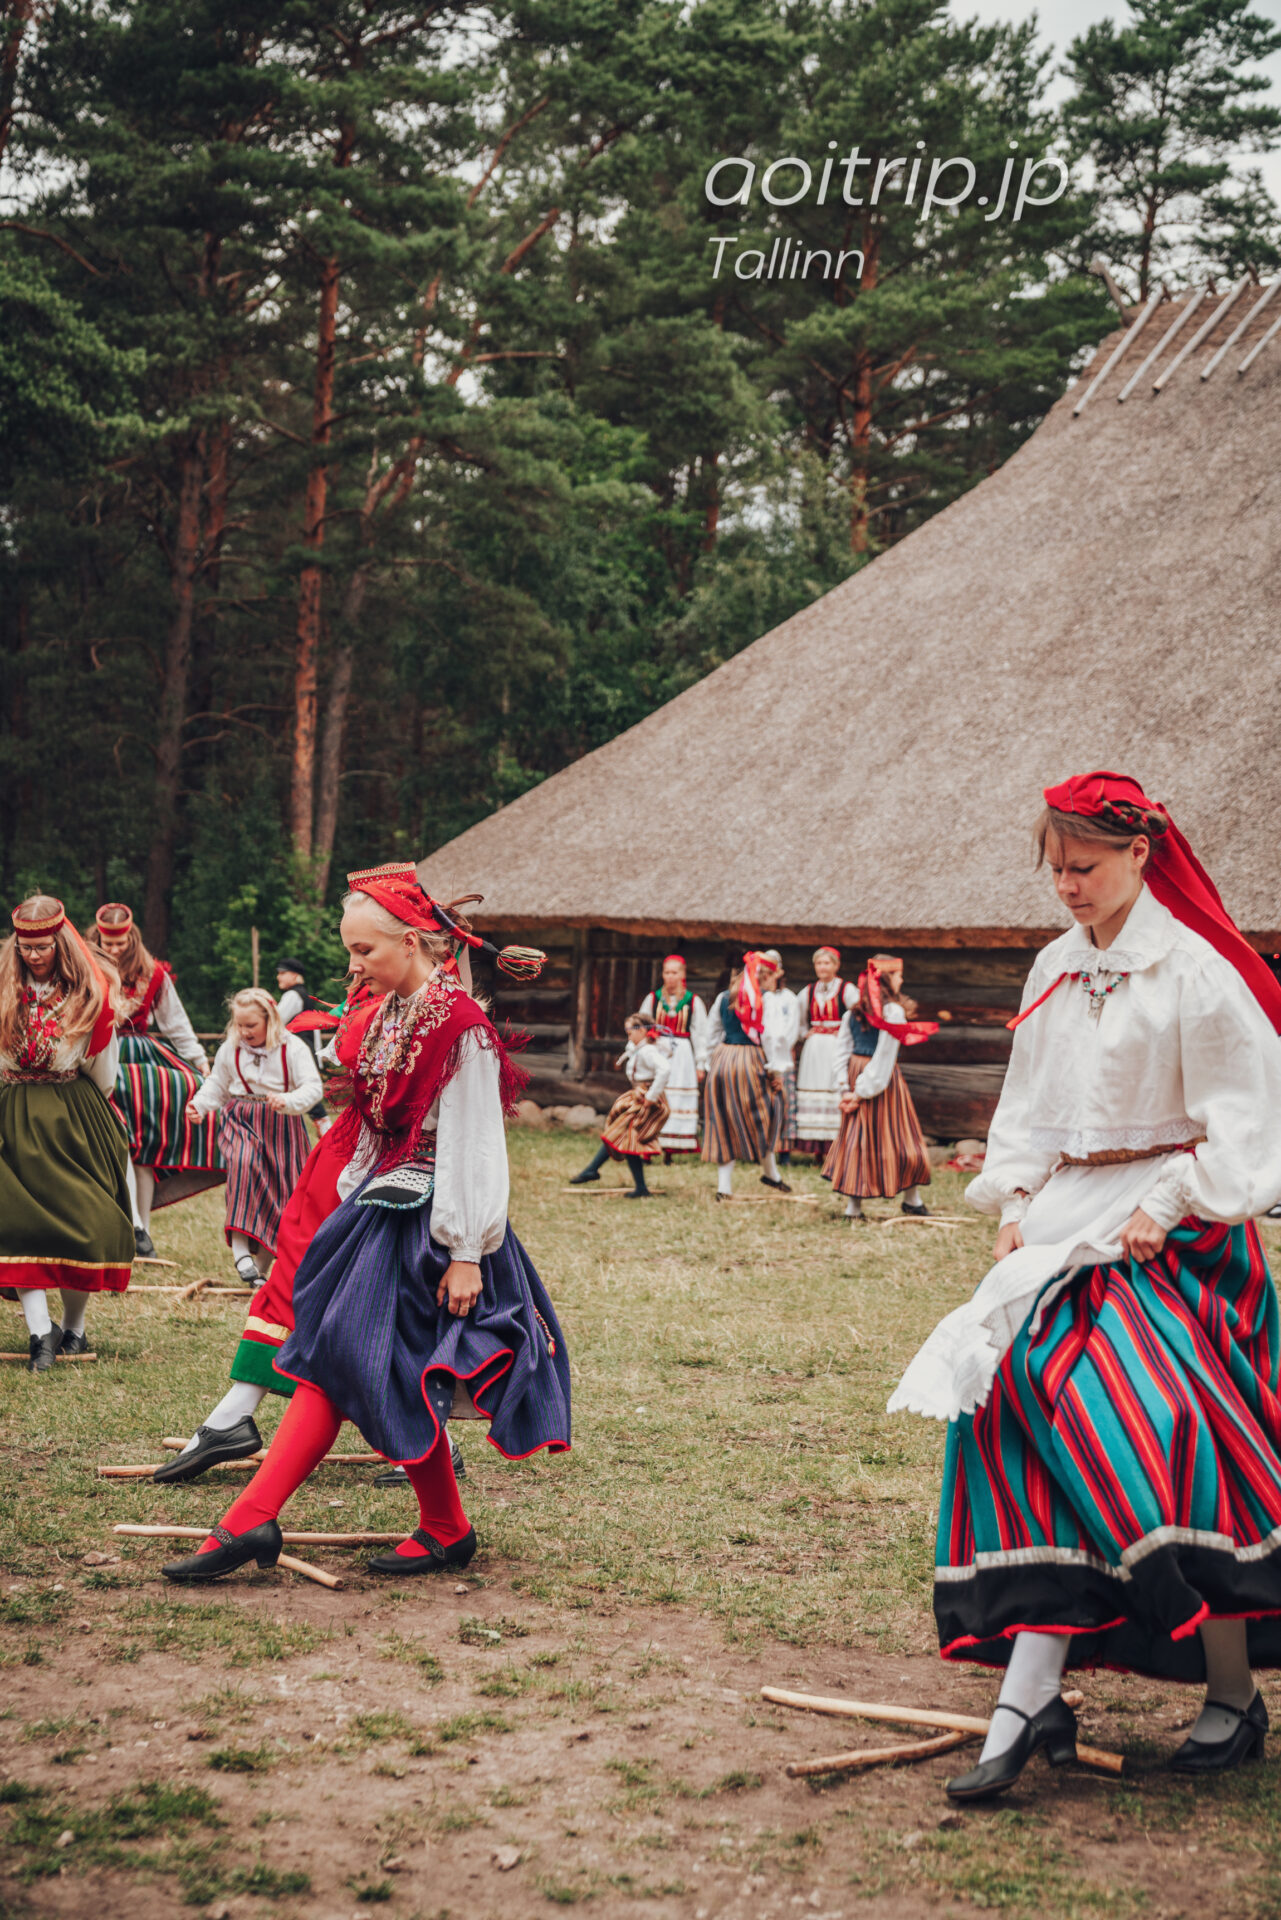 エストニア民族野外博物館(タリン)  Estonian Open Air Museum